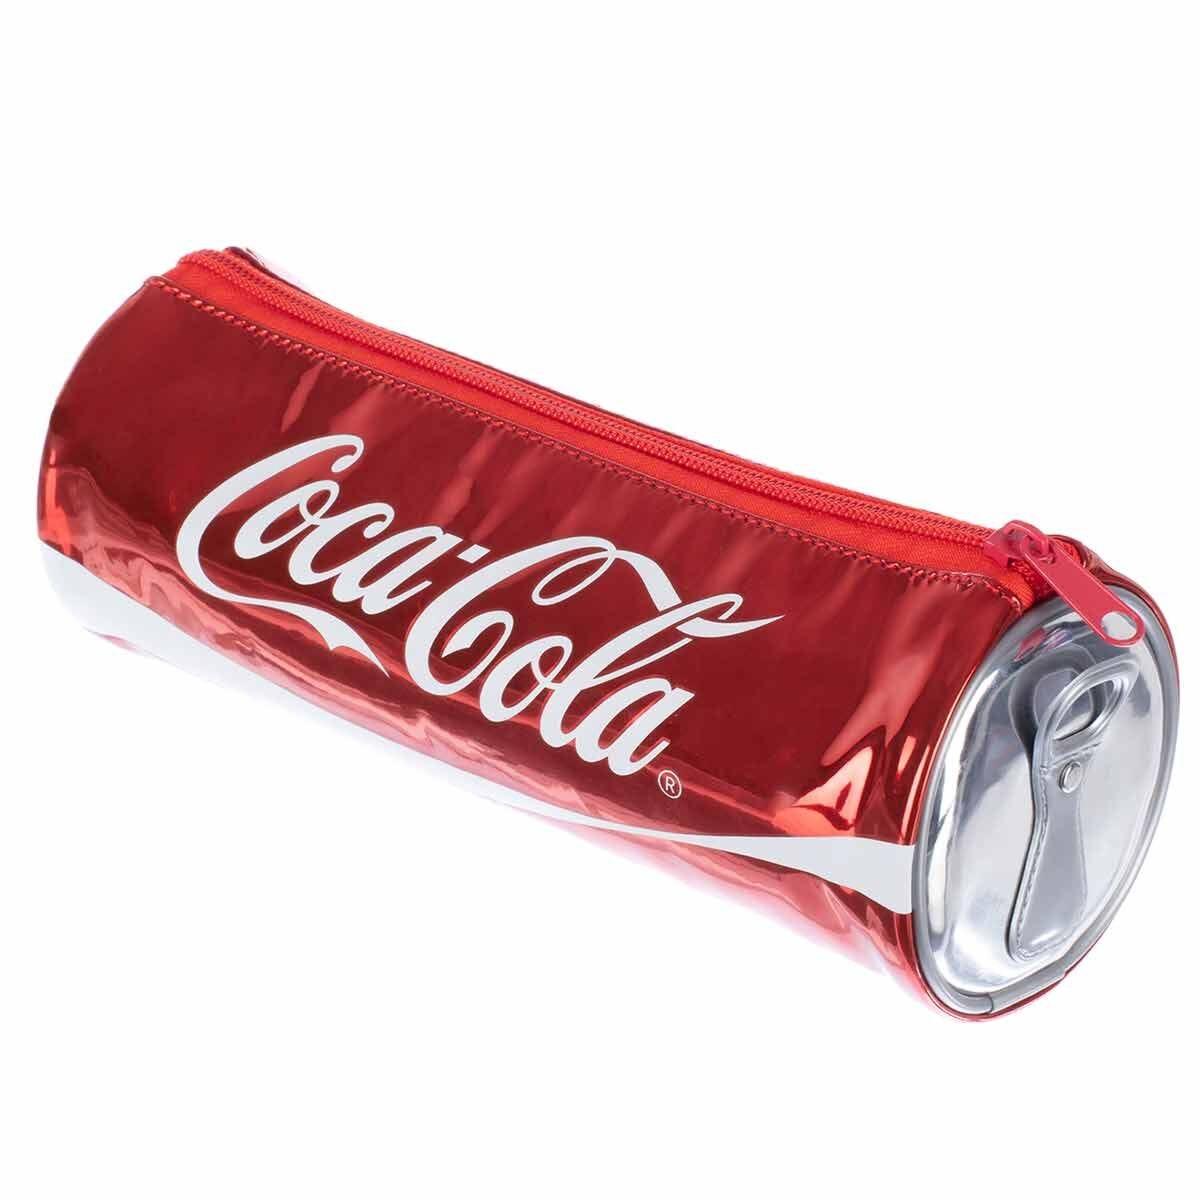 Coca-Cola Pencil Case